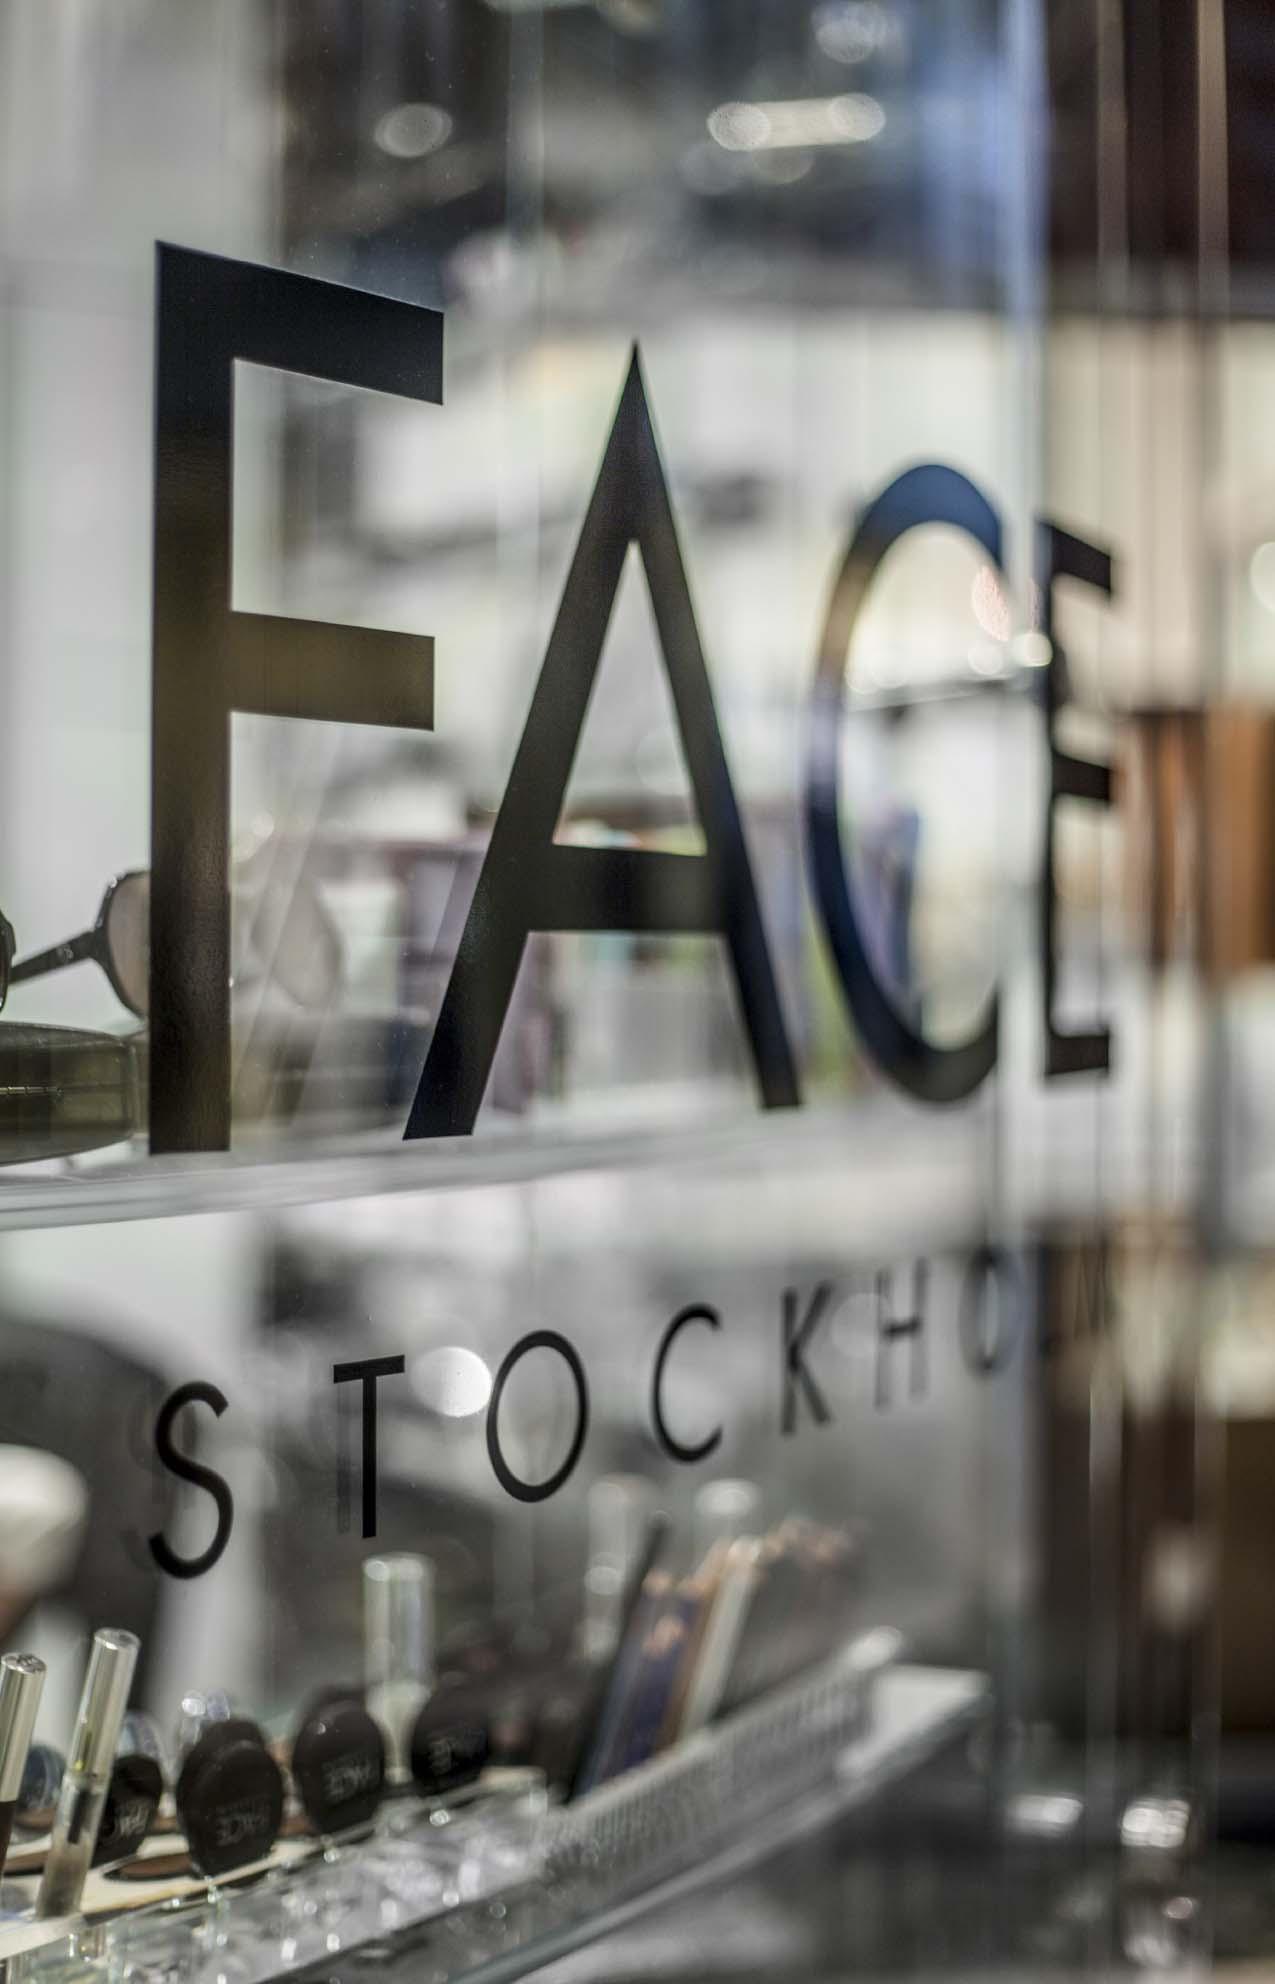 Face Stockholm